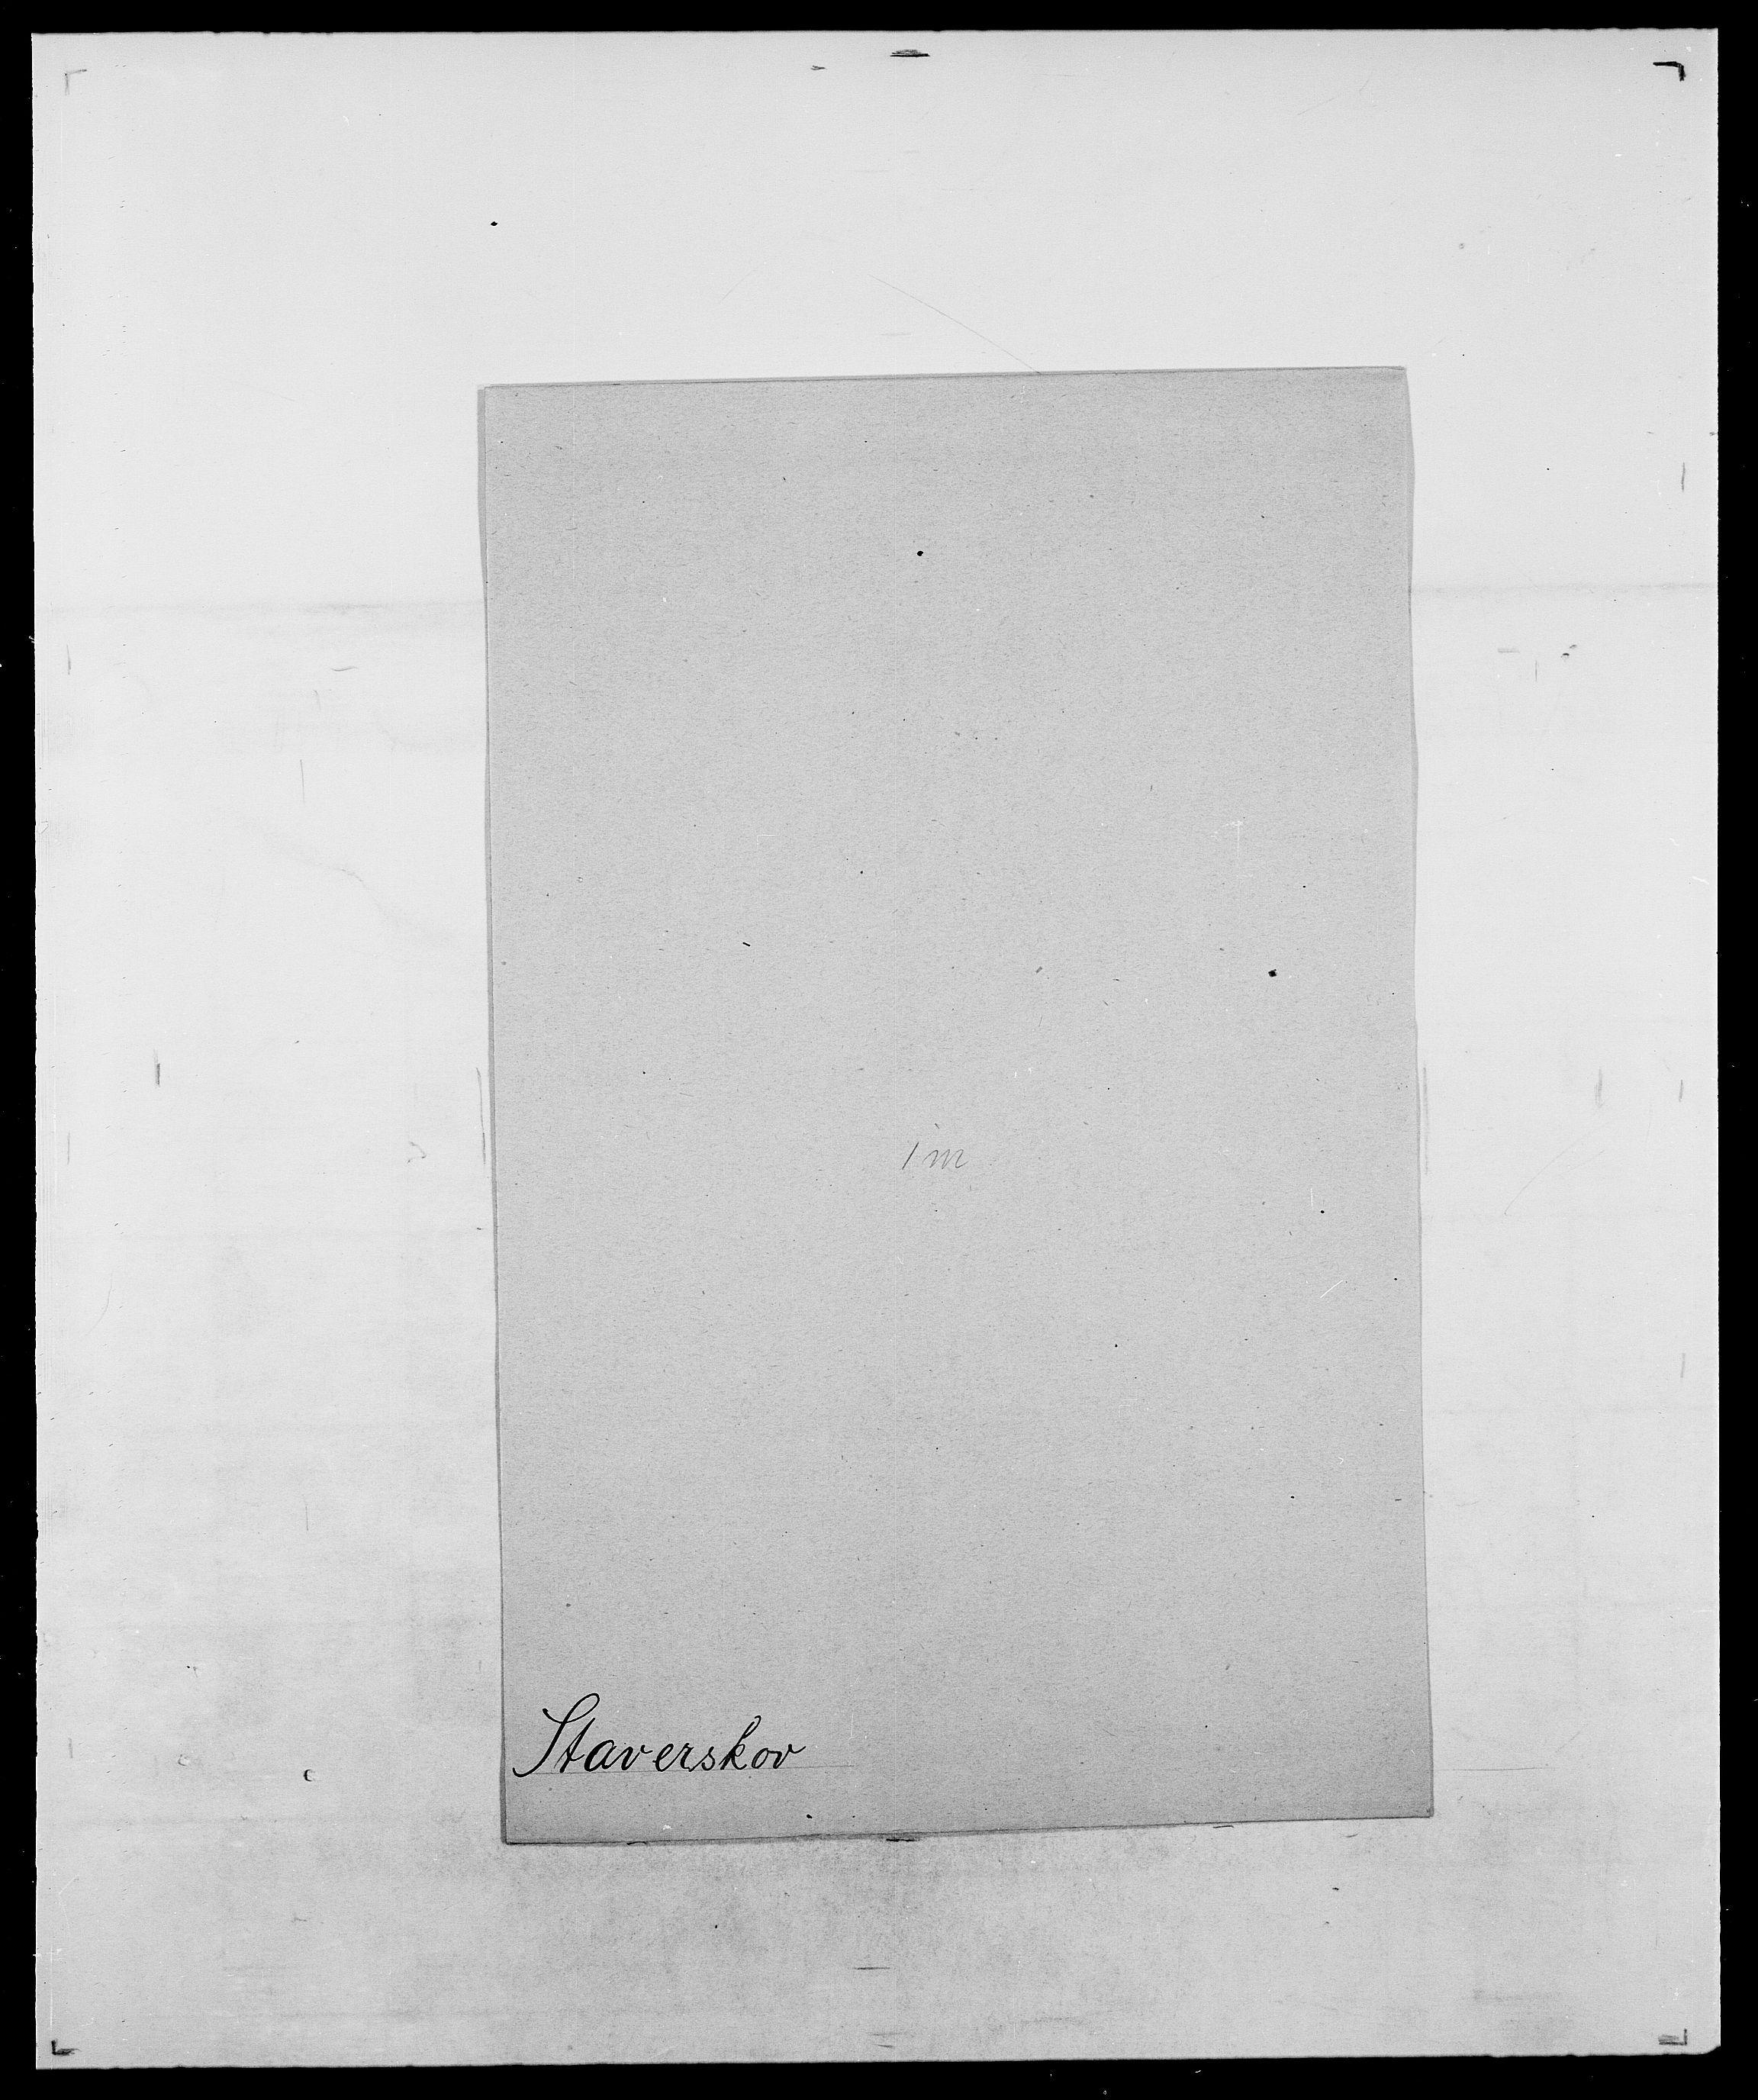 SAO, Delgobe, Charles Antoine - samling, D/Da/L0036: Skaanør - Staverskov, s. 1002